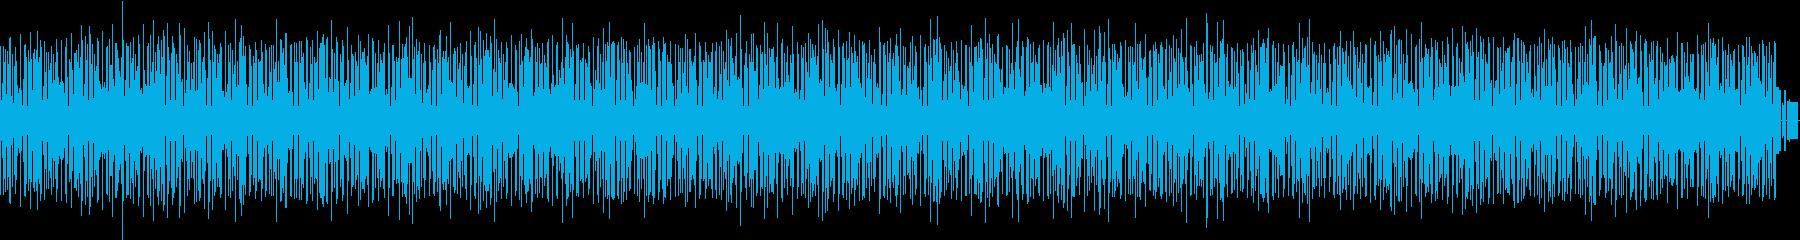 コミカルでヘンテコな楽曲 劇伴の再生済みの波形